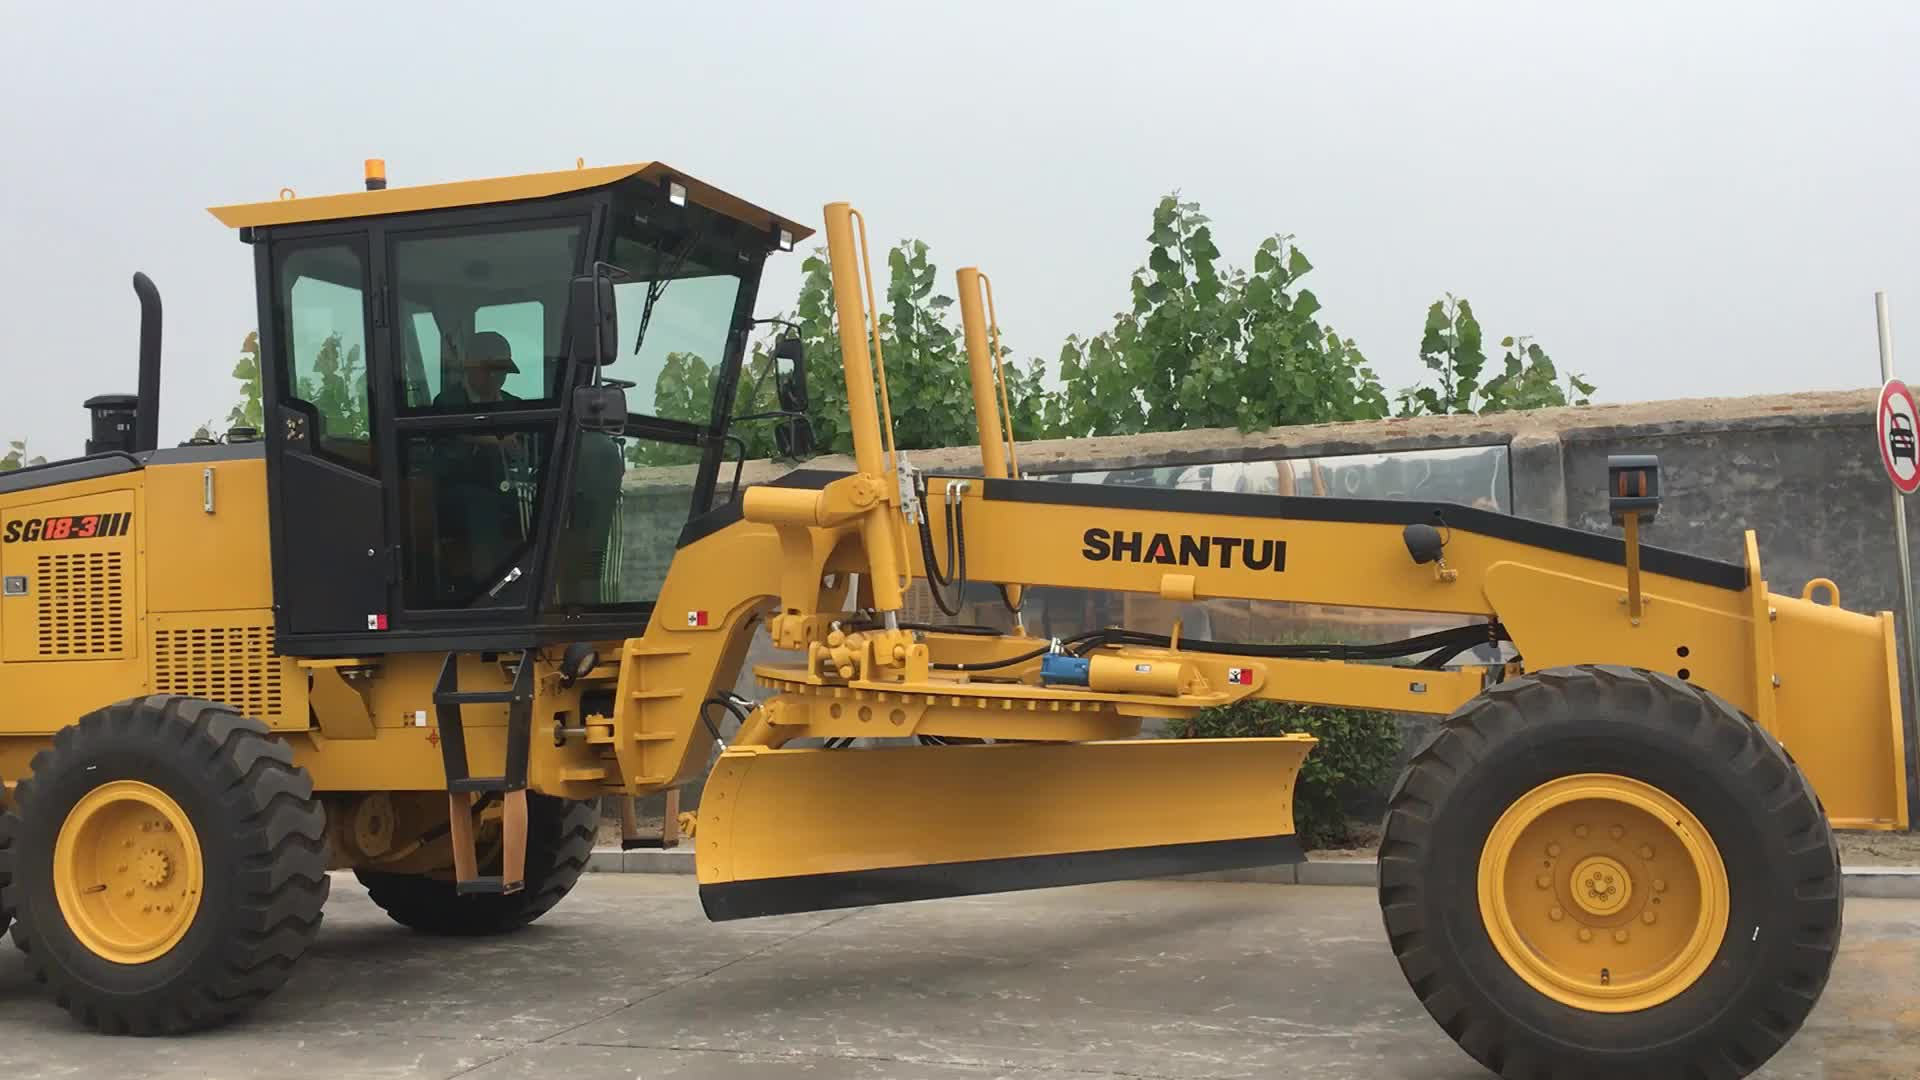 จีน SG18-3 shantui เกรดมอเตอร์ราคาที่ดีที่สุดสำหรับการขาย